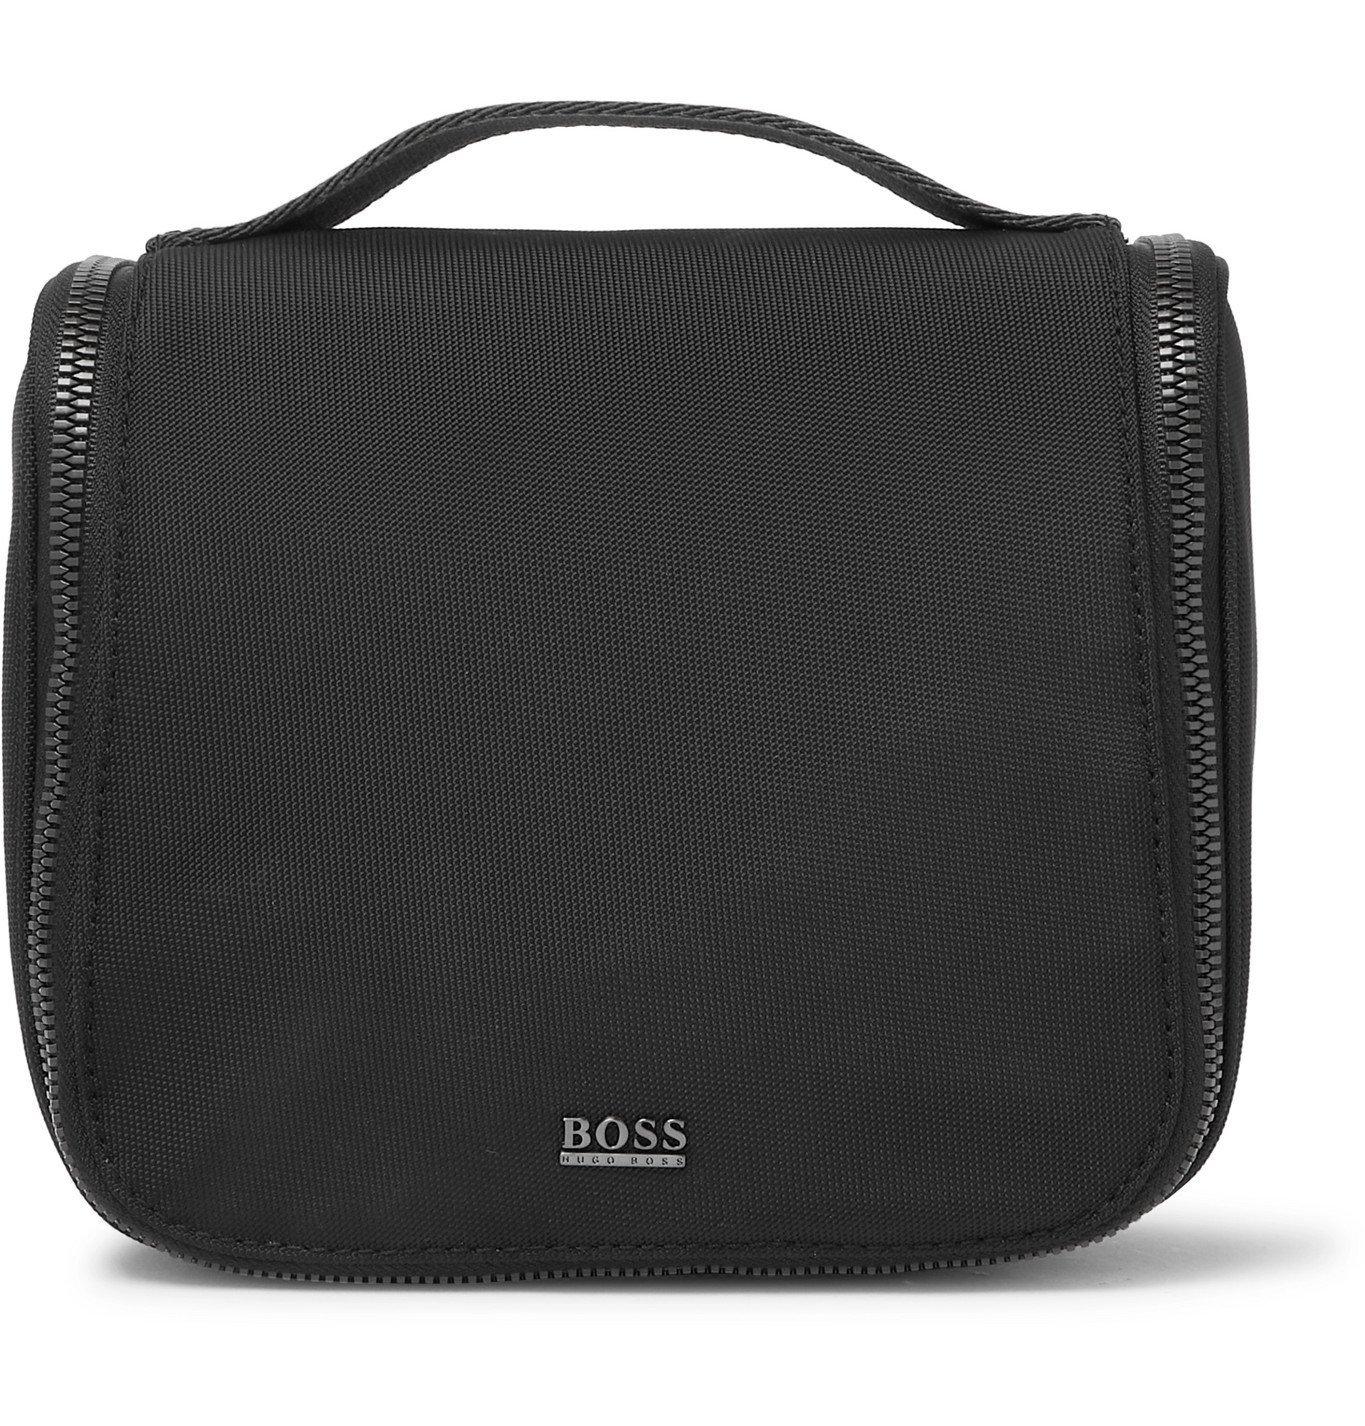 HUGO BOSS - Webbing-Trimmed Canvas Wash Bag - Black